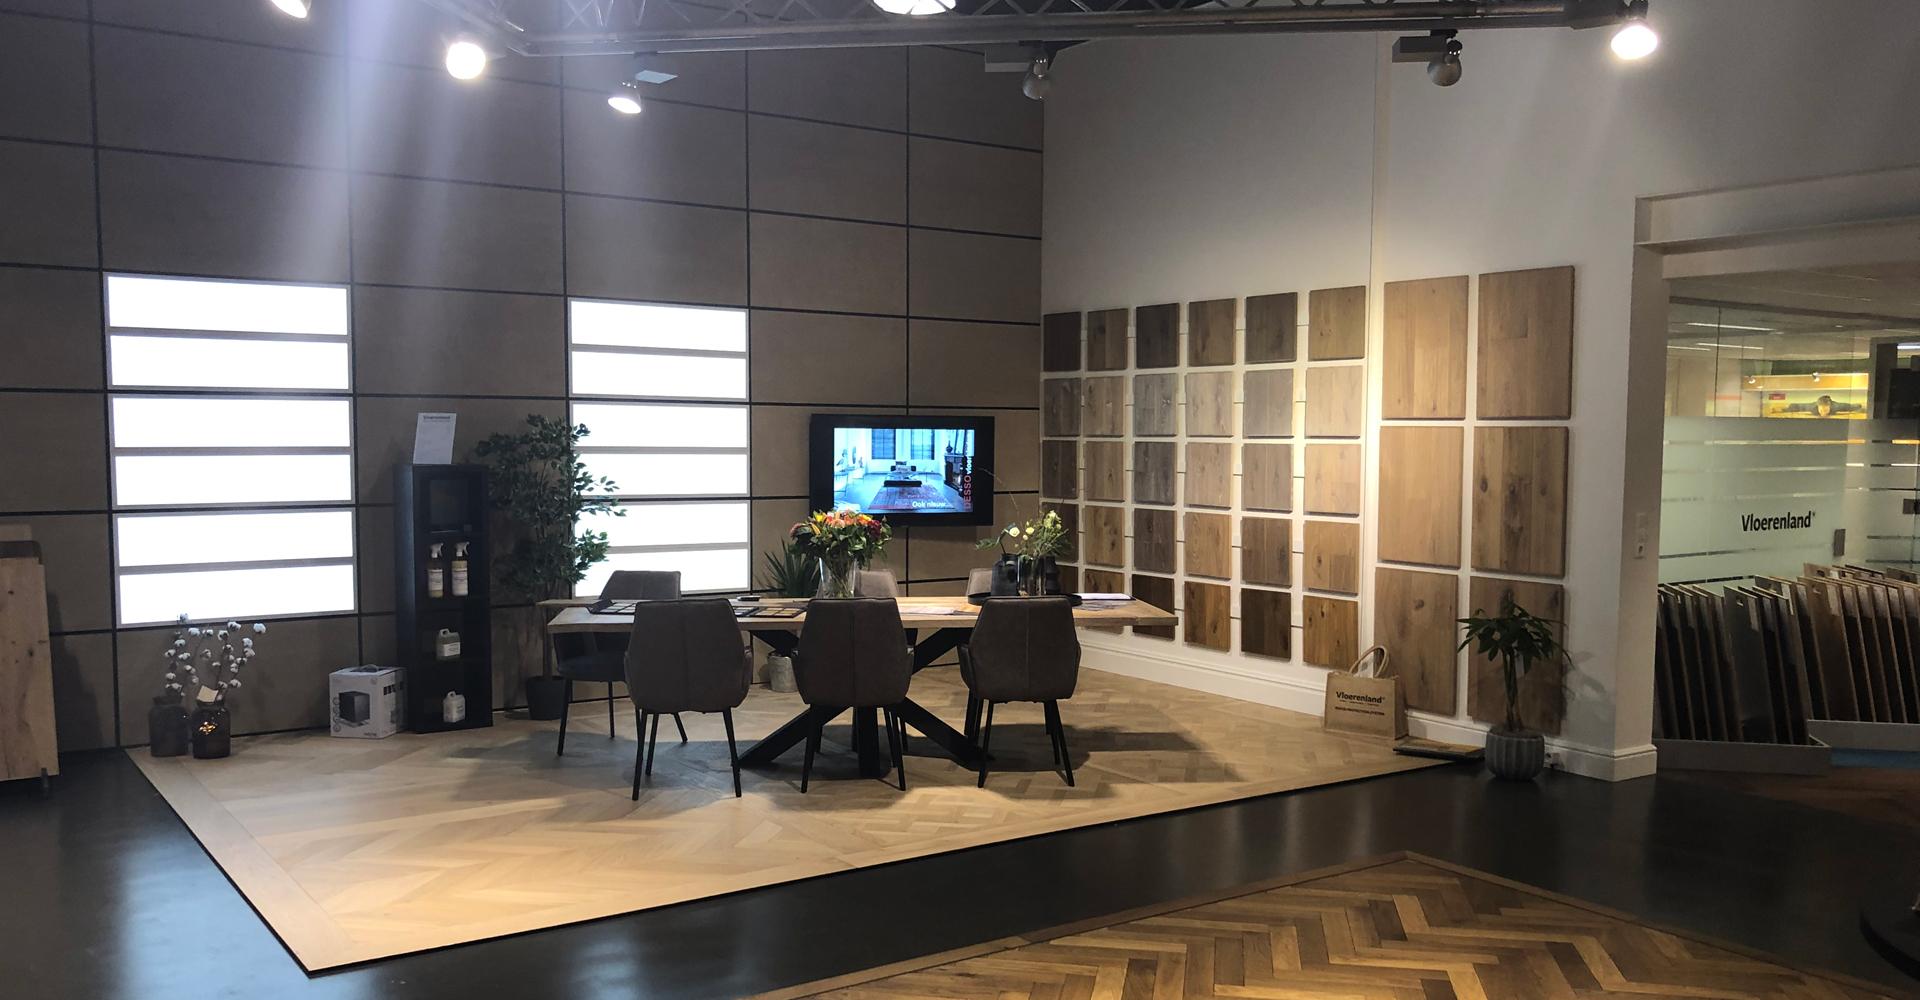 Maatwerk Studio houten vloeren Vloerenland